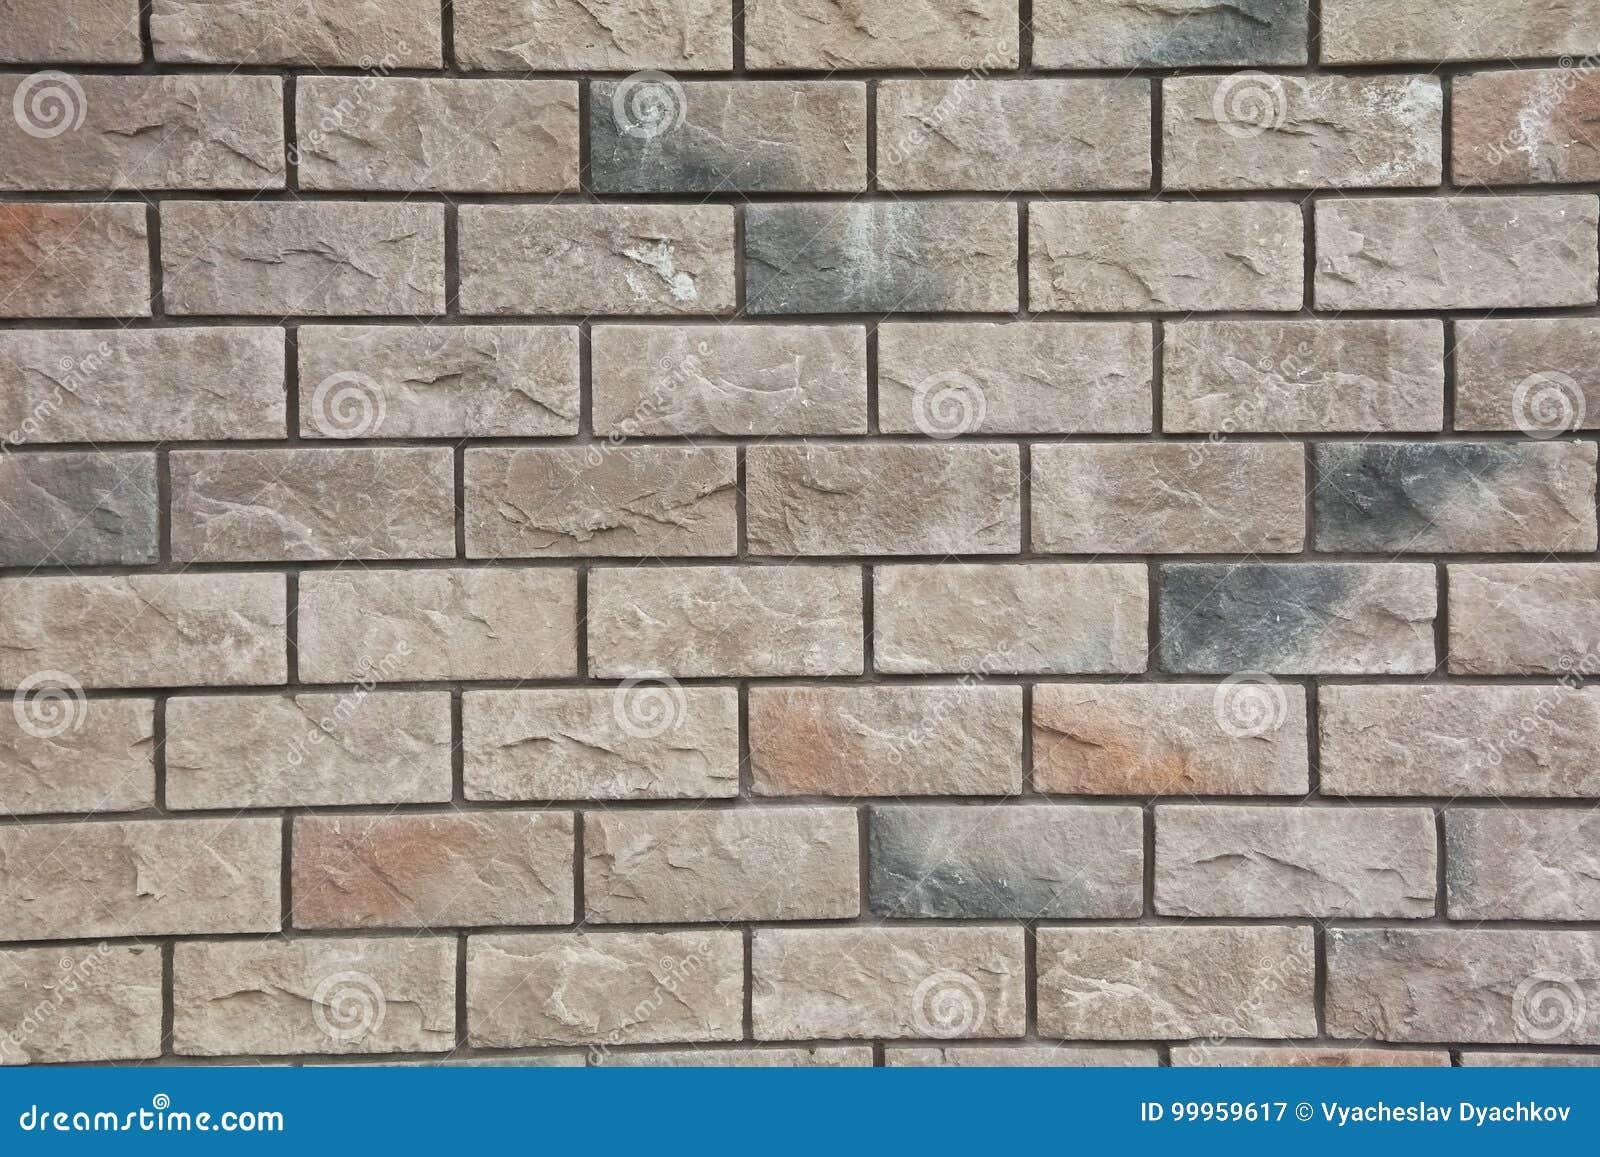 Pared de piedra decorativa exterior de casa con piso y - Paredes de piedra artificial ...